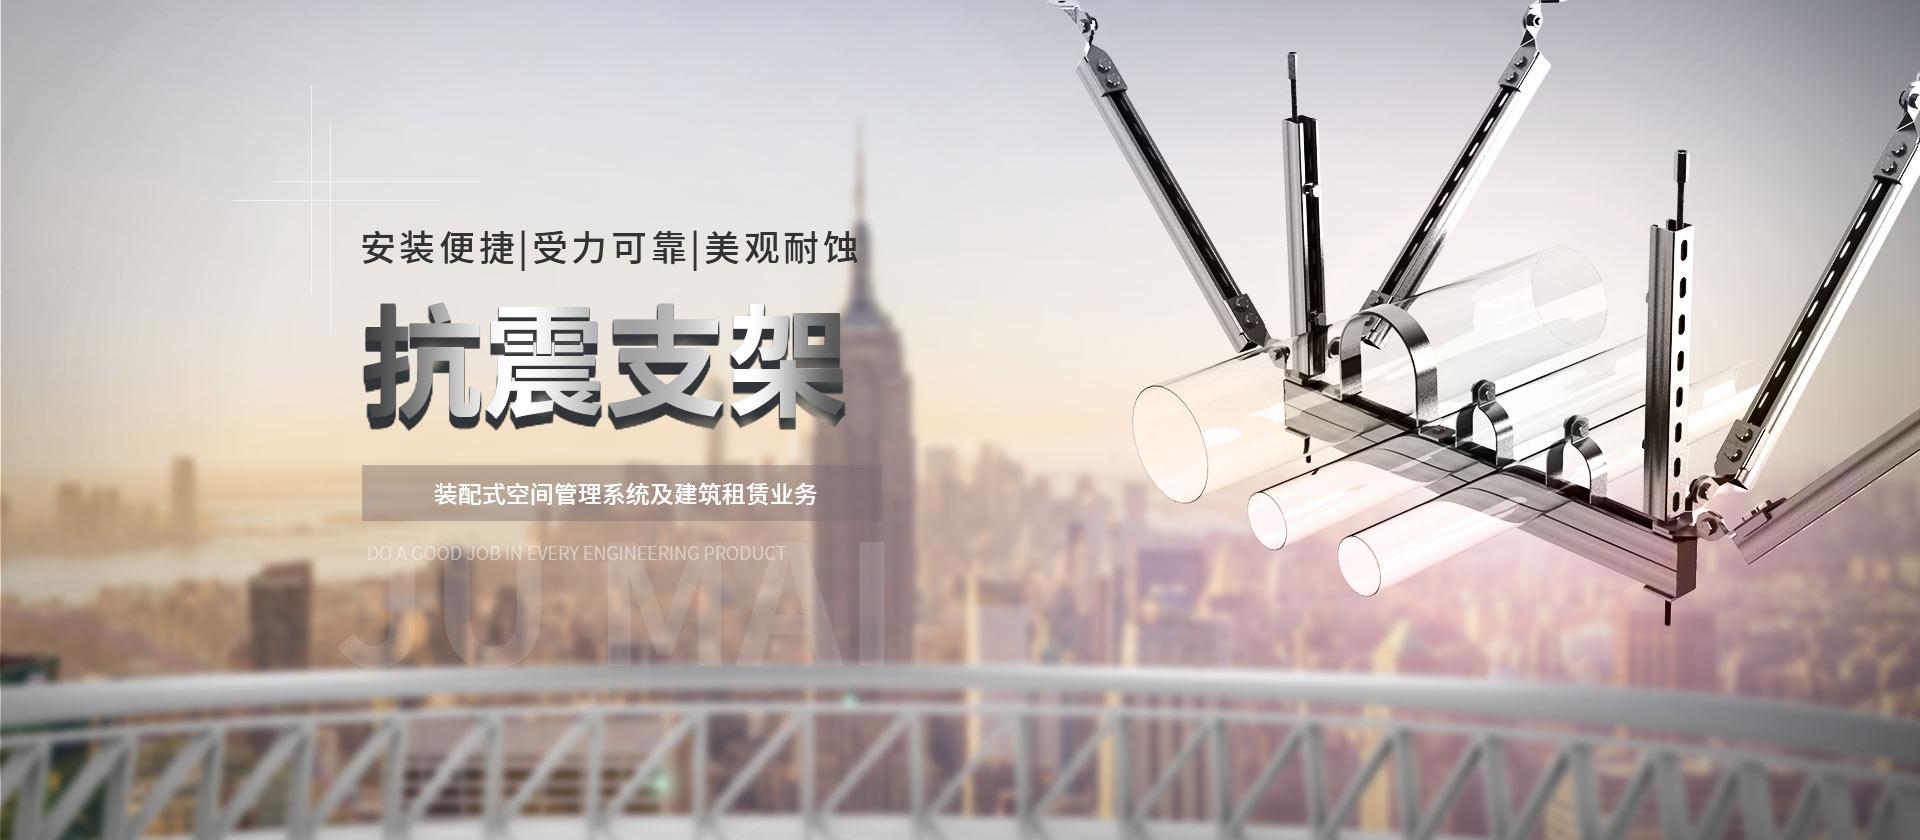 四川抗震支架